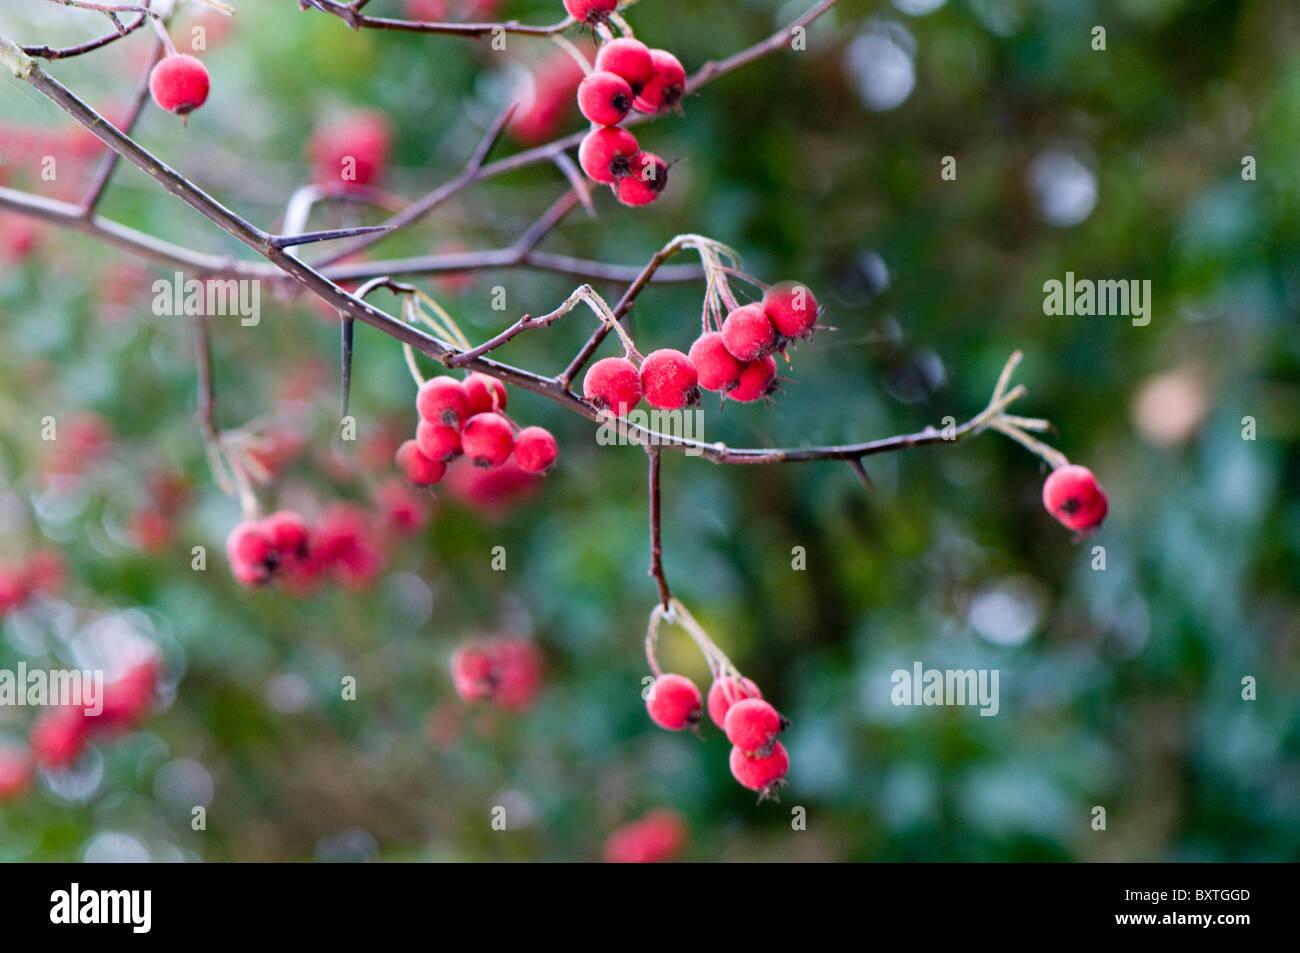 Rosso intensi di frutti di bosco invernale contro uno sfondo morbido Immagini Stock